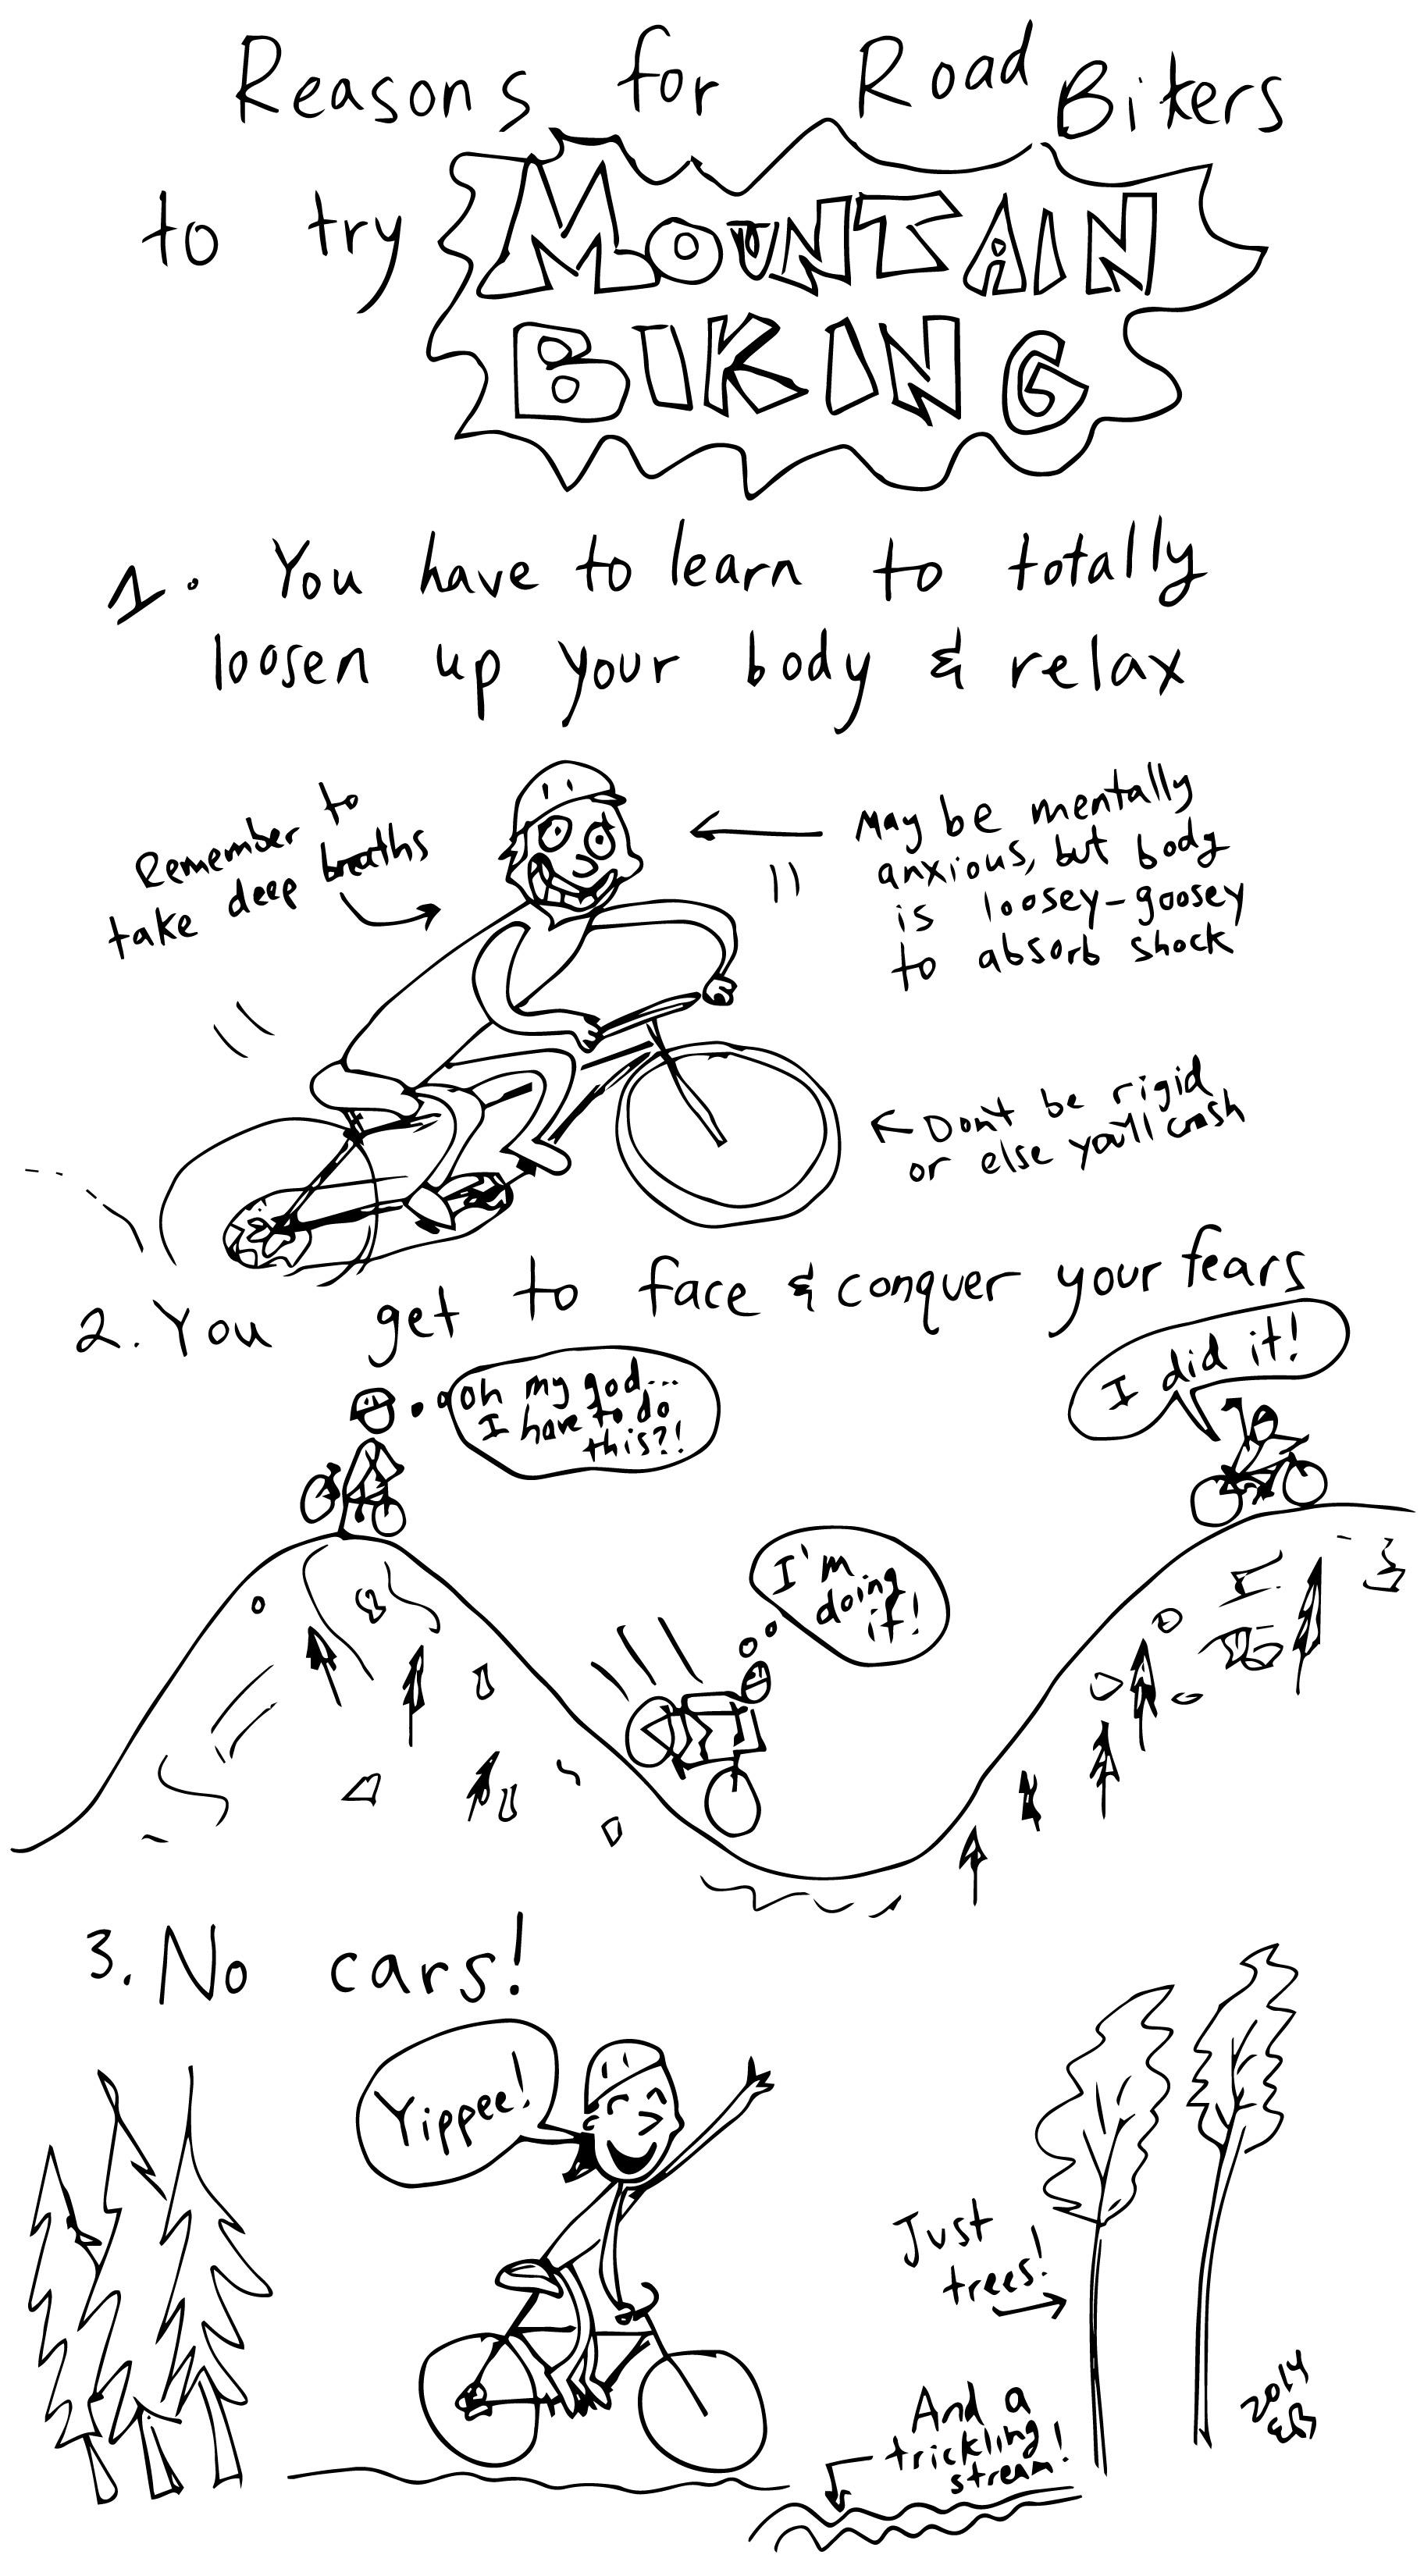 mtn biking1.jpg